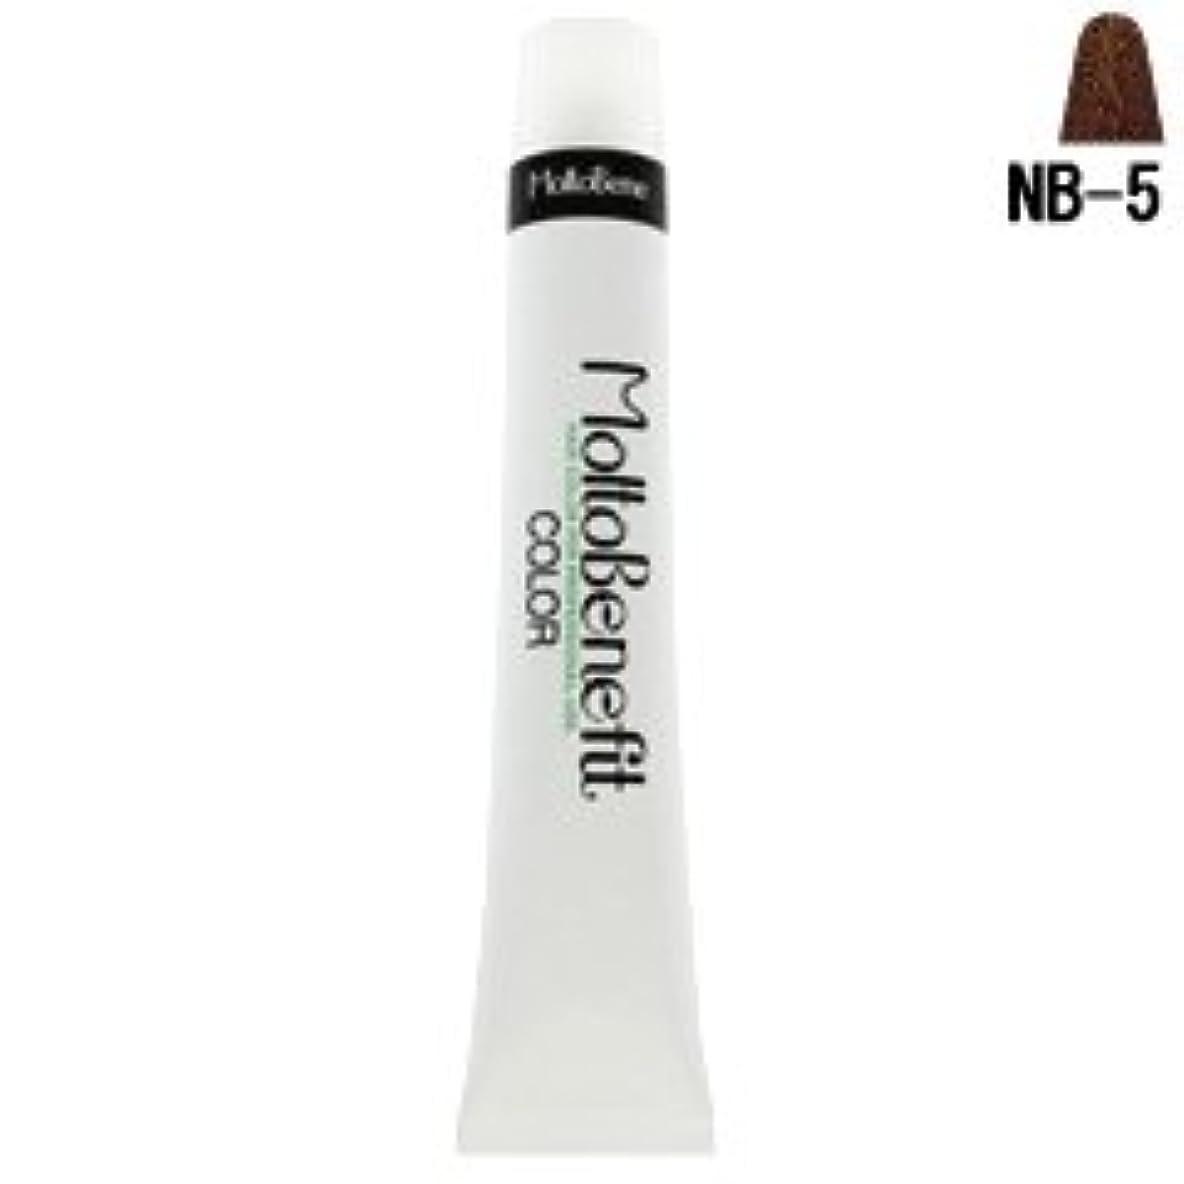 くびれた割り込みネックレス【モルトベーネ】フィットカラー グレイナチュラルカラー NB-5 ナチュラルブラウン 60g